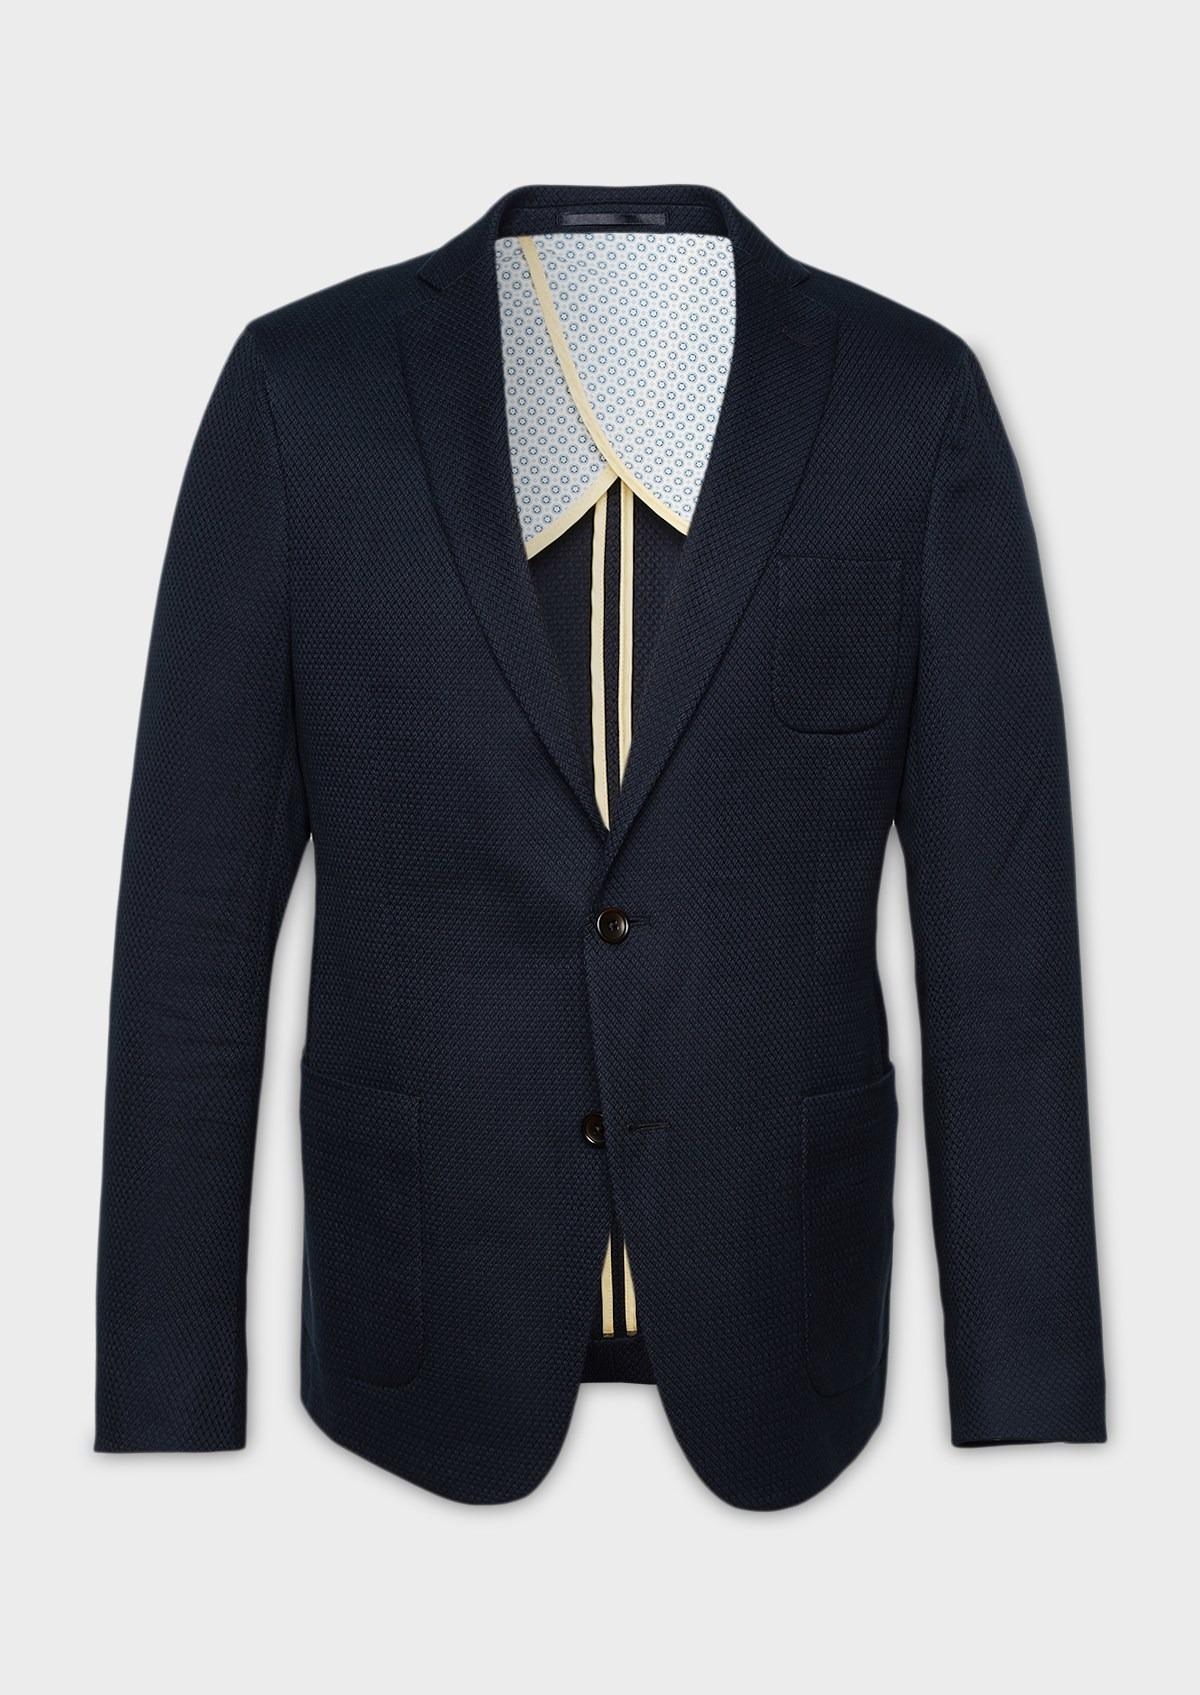 Regular Veste Bleu Marine Casual Coton En Façonné N8wm0Ovn